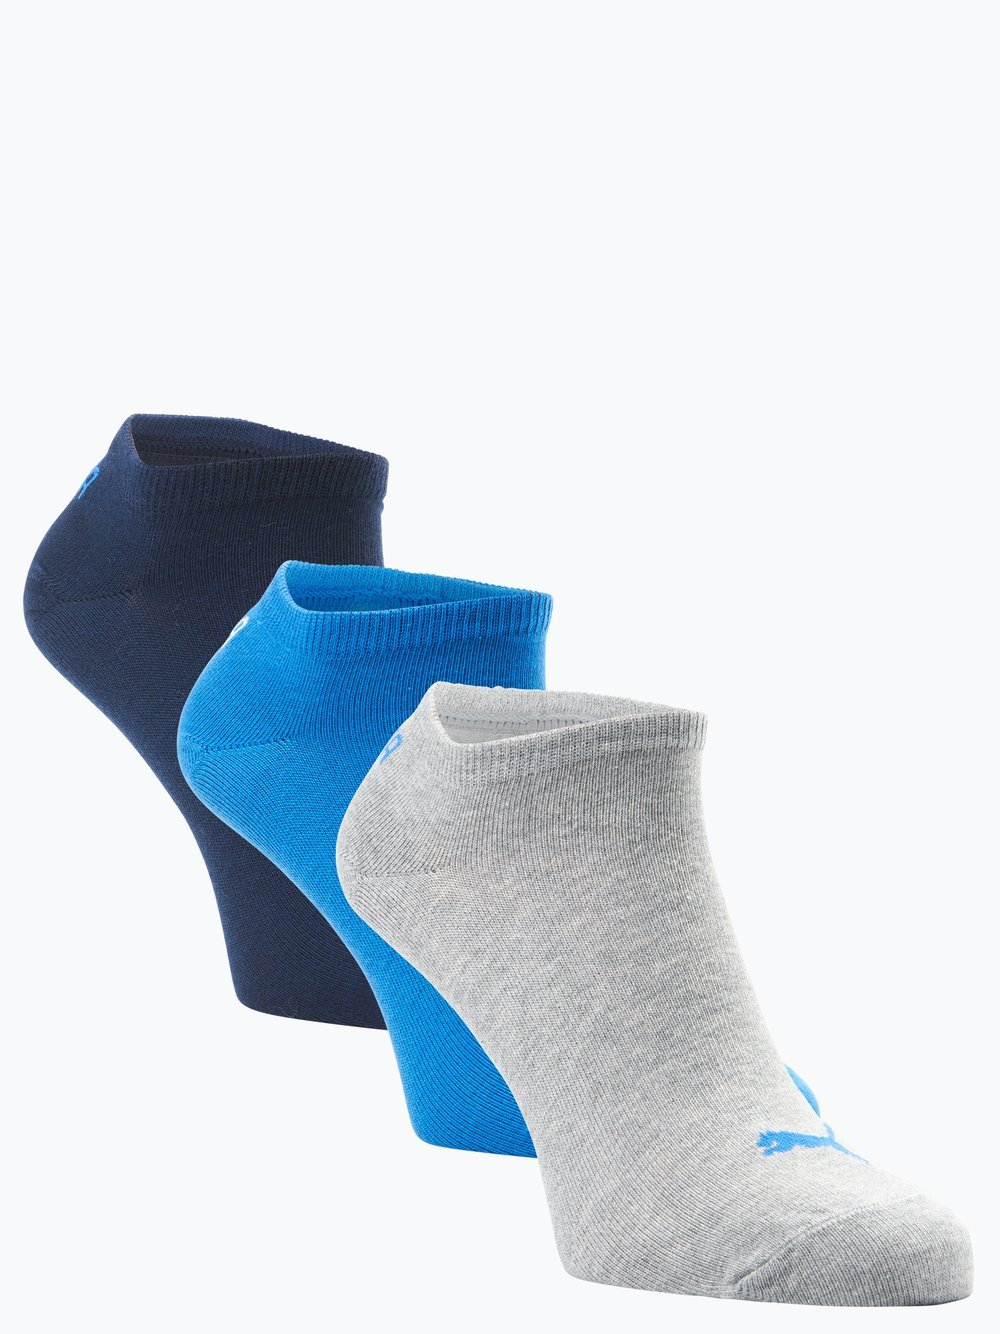 Puma - Męskie skarpety do obuwia sportowego pakowane po 3 szt., niebieski